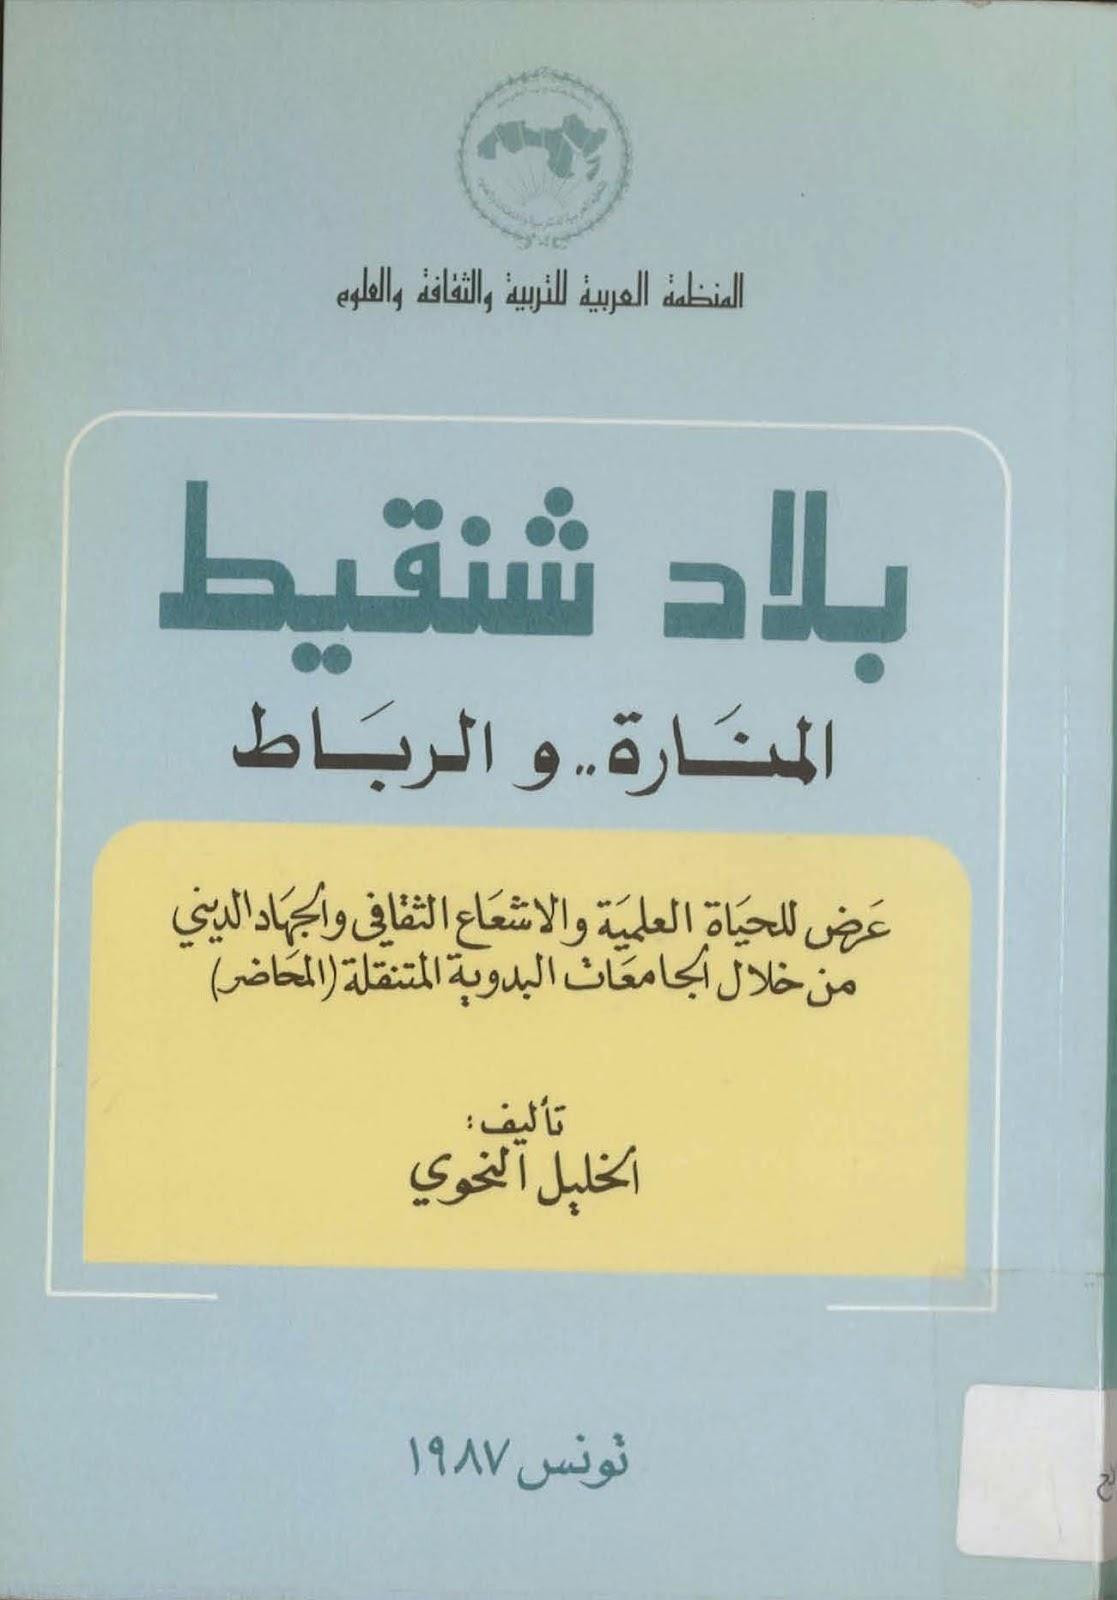 بلاد شنقيط المنارة..والرباط لـ الخليل النحوي